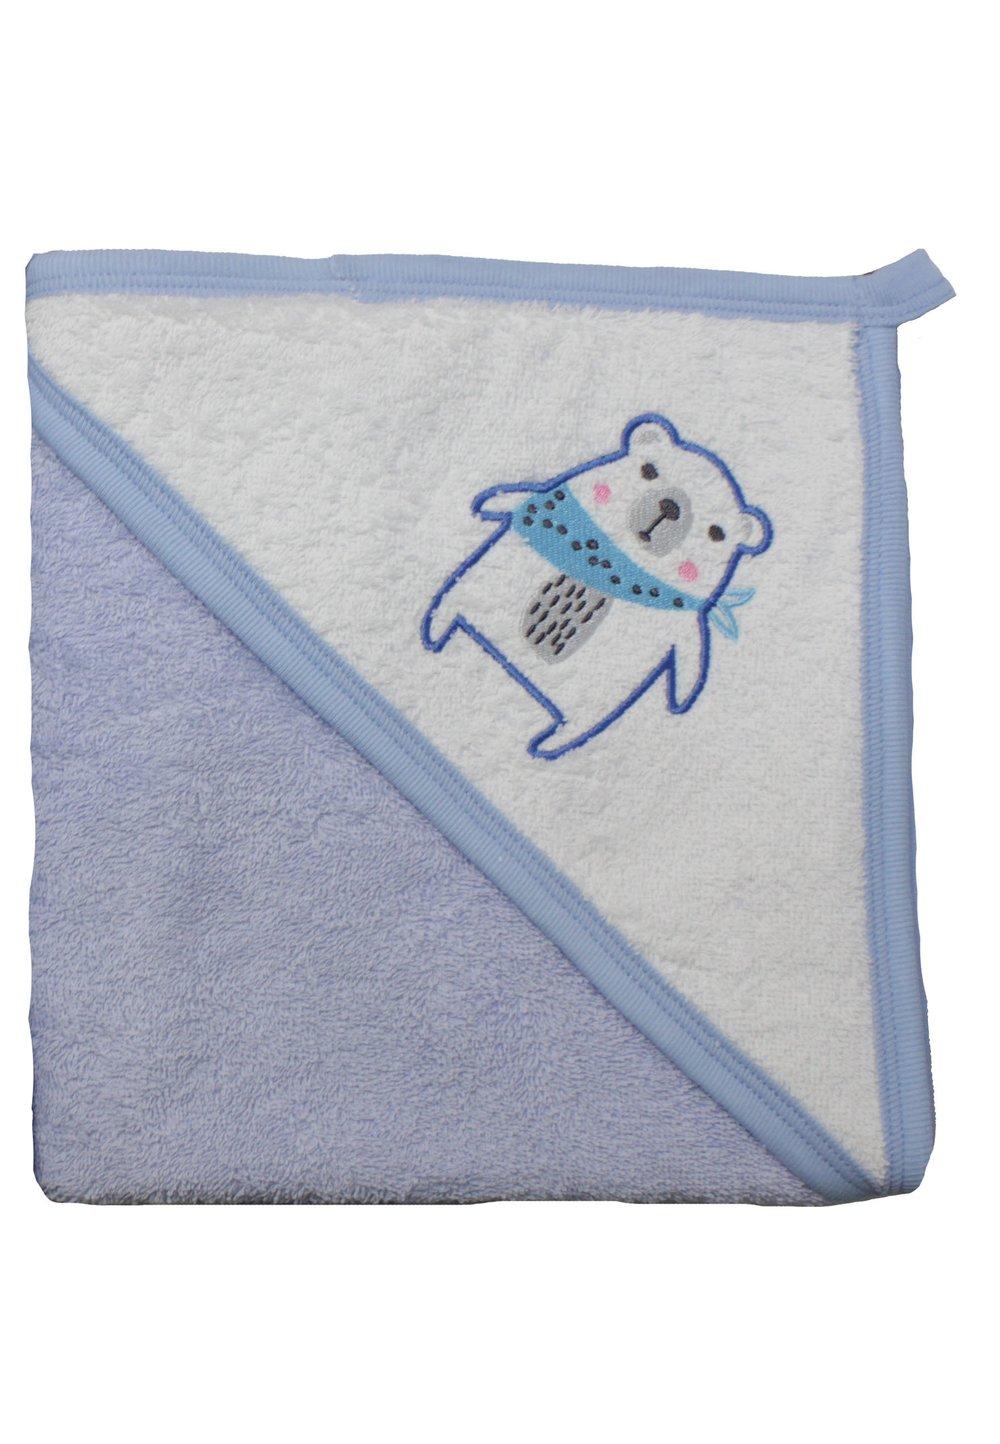 Prosop bumbac,albastru, ursuletul cu esarfa, 80x100cm imagine